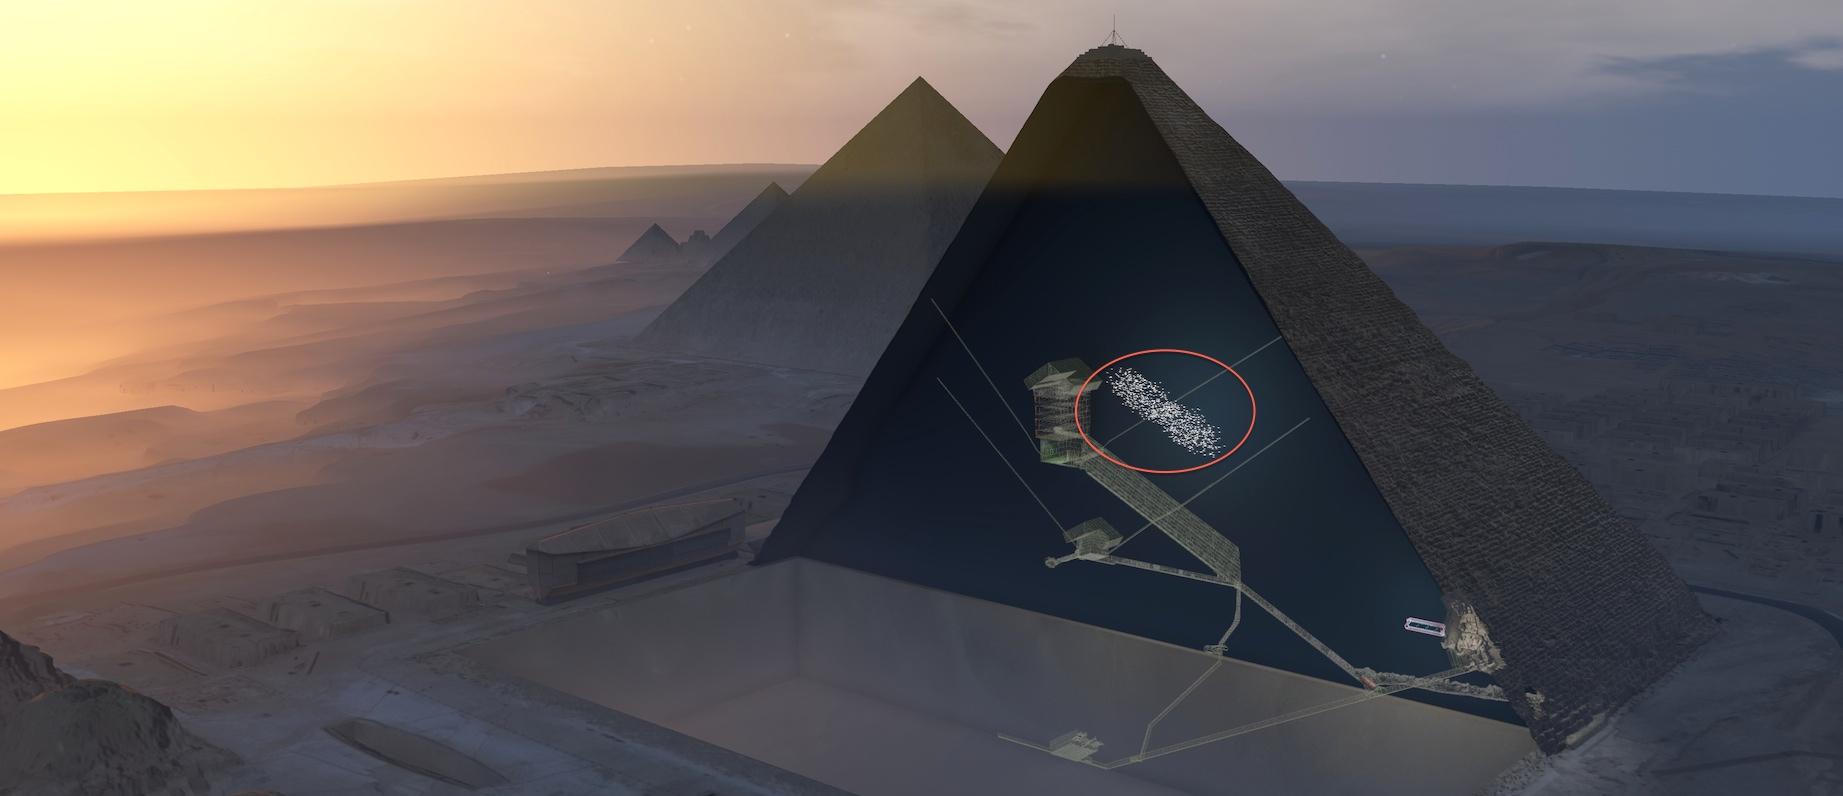 Localisation de la nouvelle cavité géante détectée dans la Grande Pyramide de Chéops. © ScanPyramids